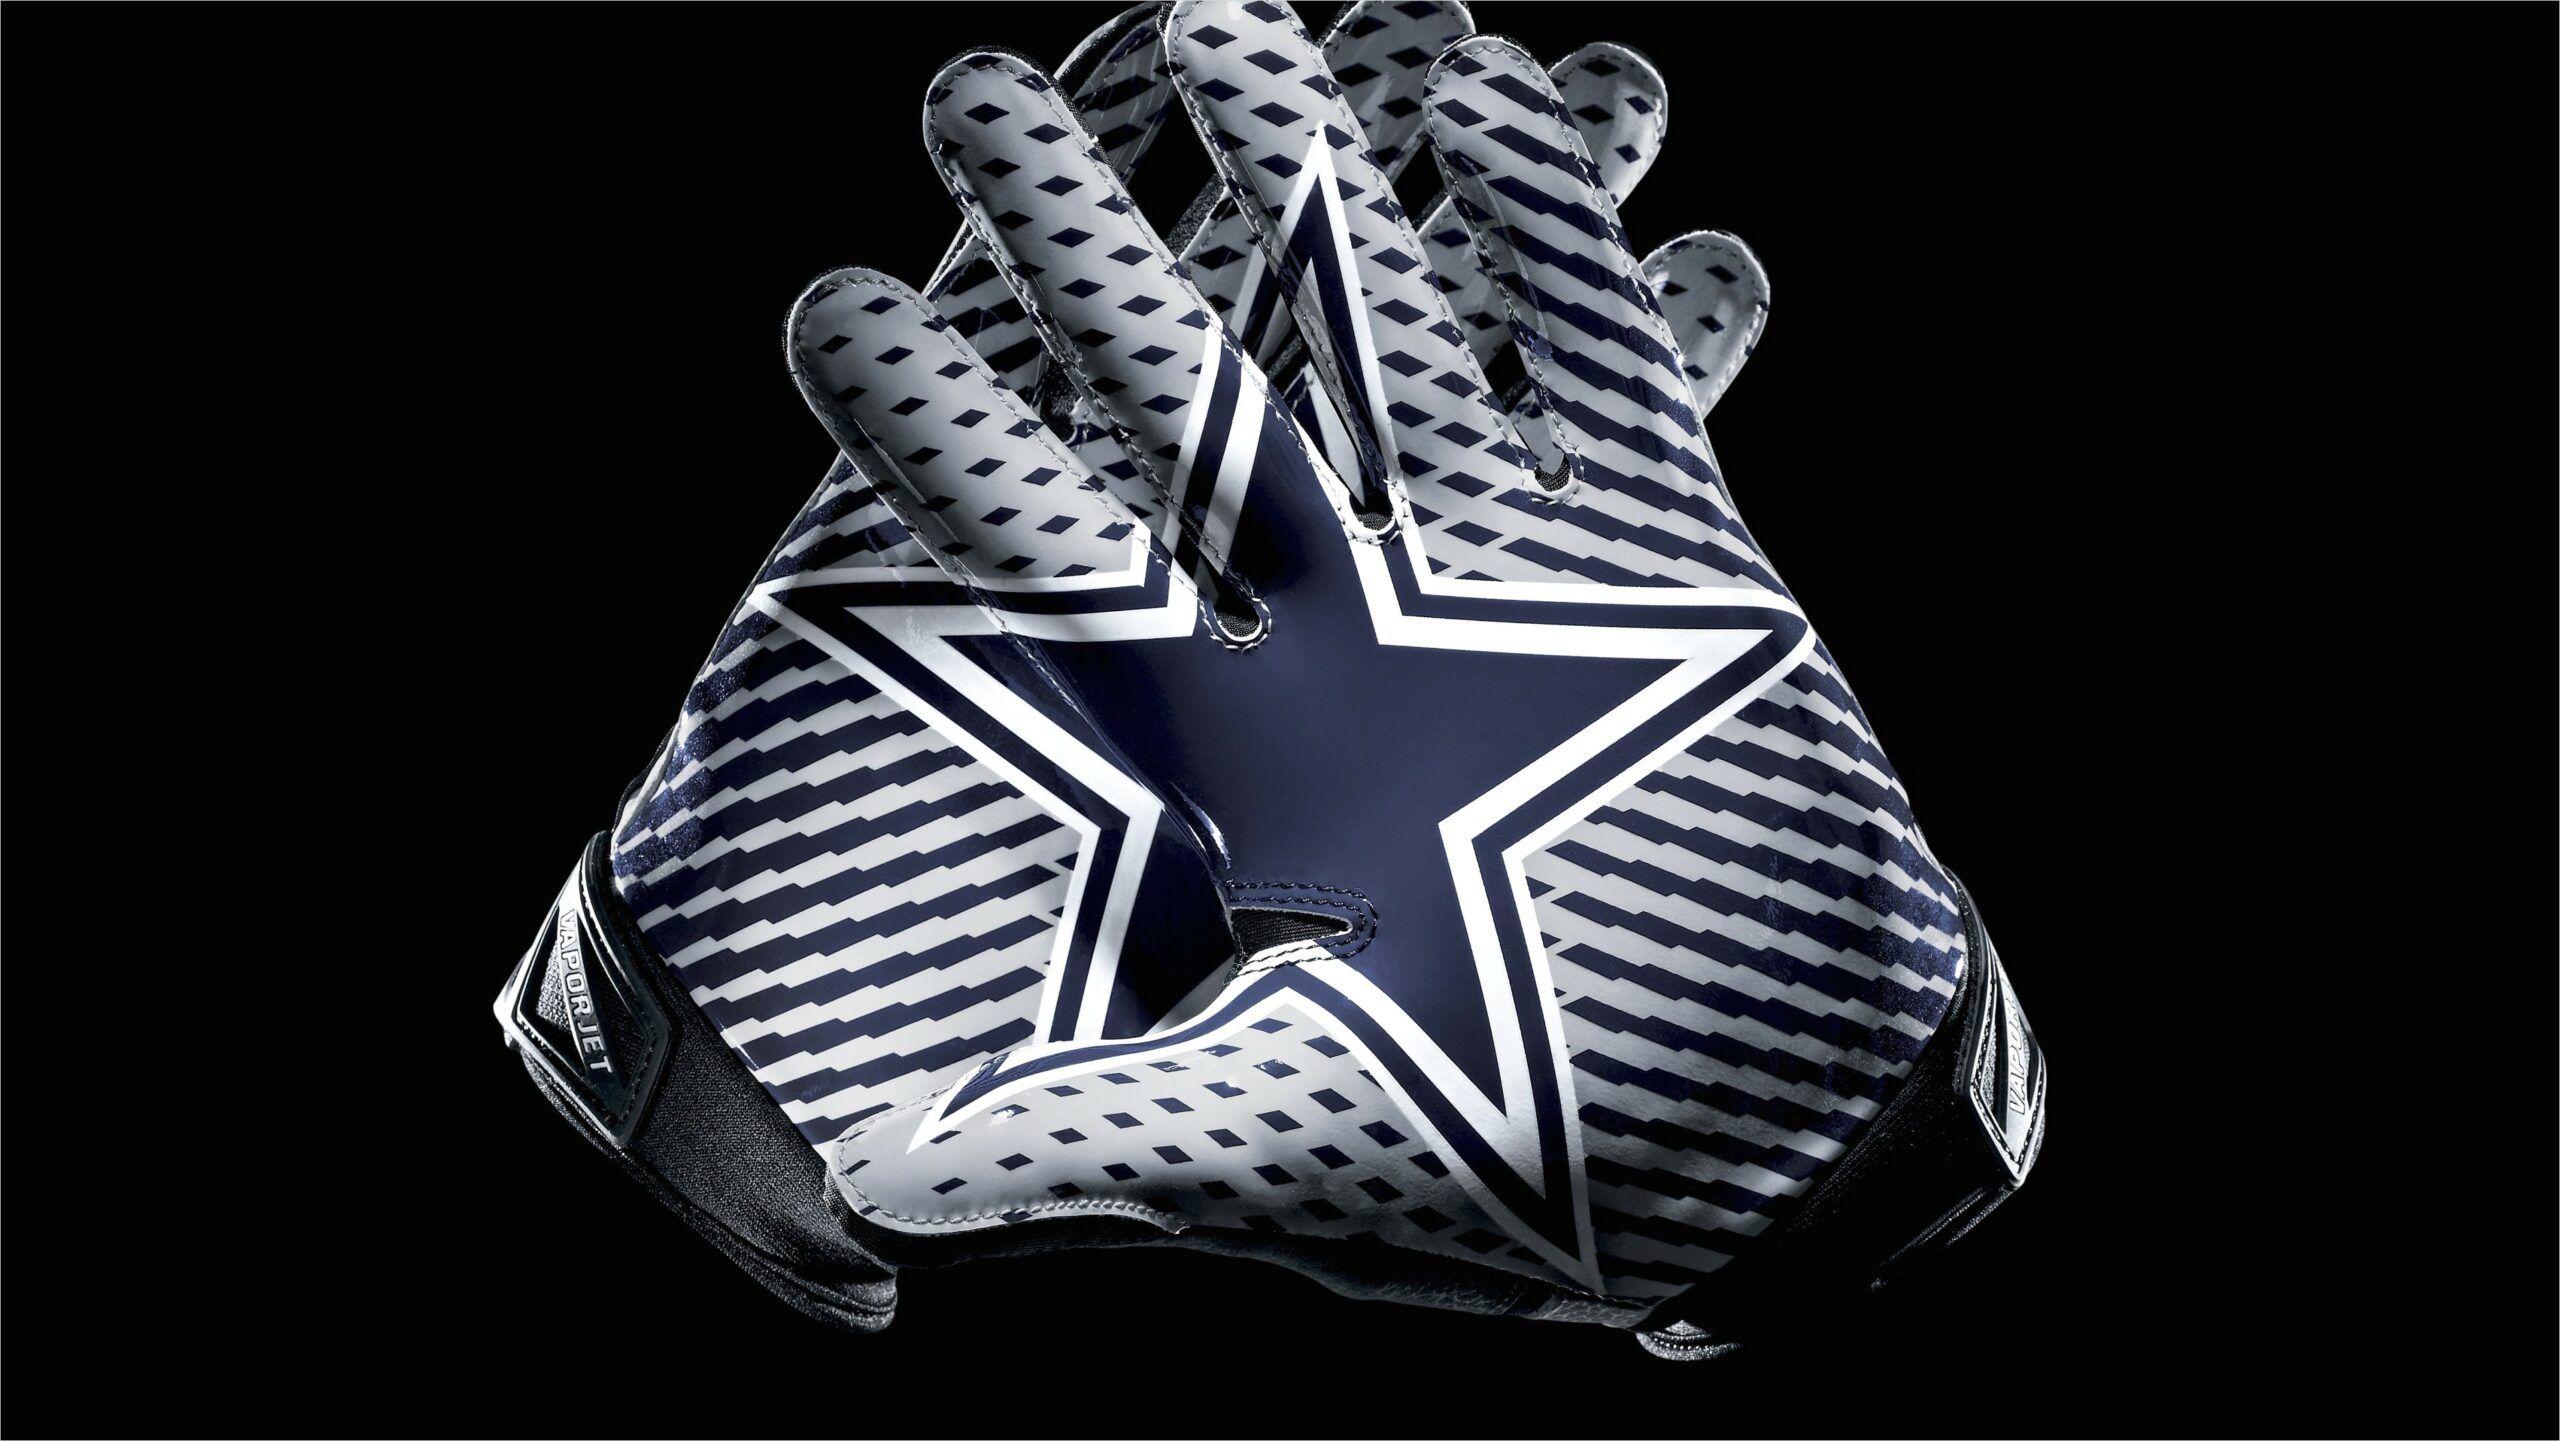 4k Dallas Cowboys Wallpaper Dallas Cowboys Wallpaper Dallas Cowboys Dallas Cowboys Gloves